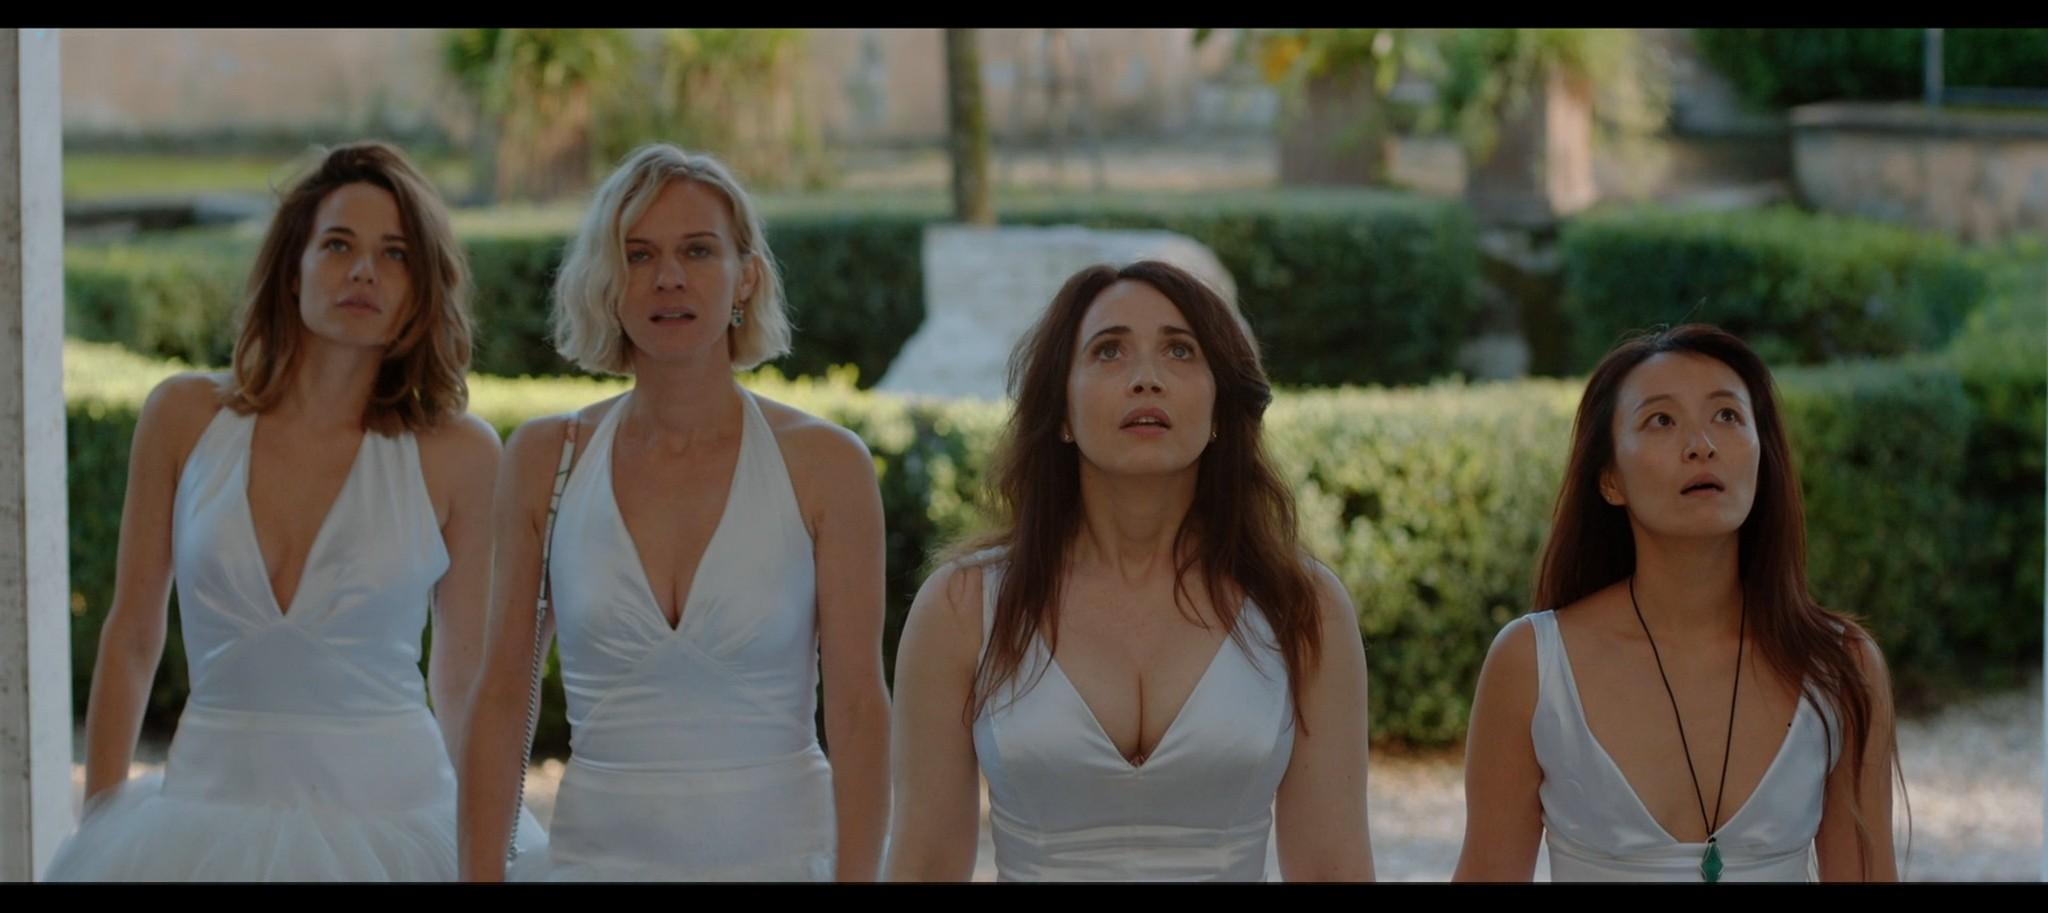 Laura Chiatti nude Antonia Fotaras and others nude bush and topless Addio al nubilato IT 2021 1080p Web 17